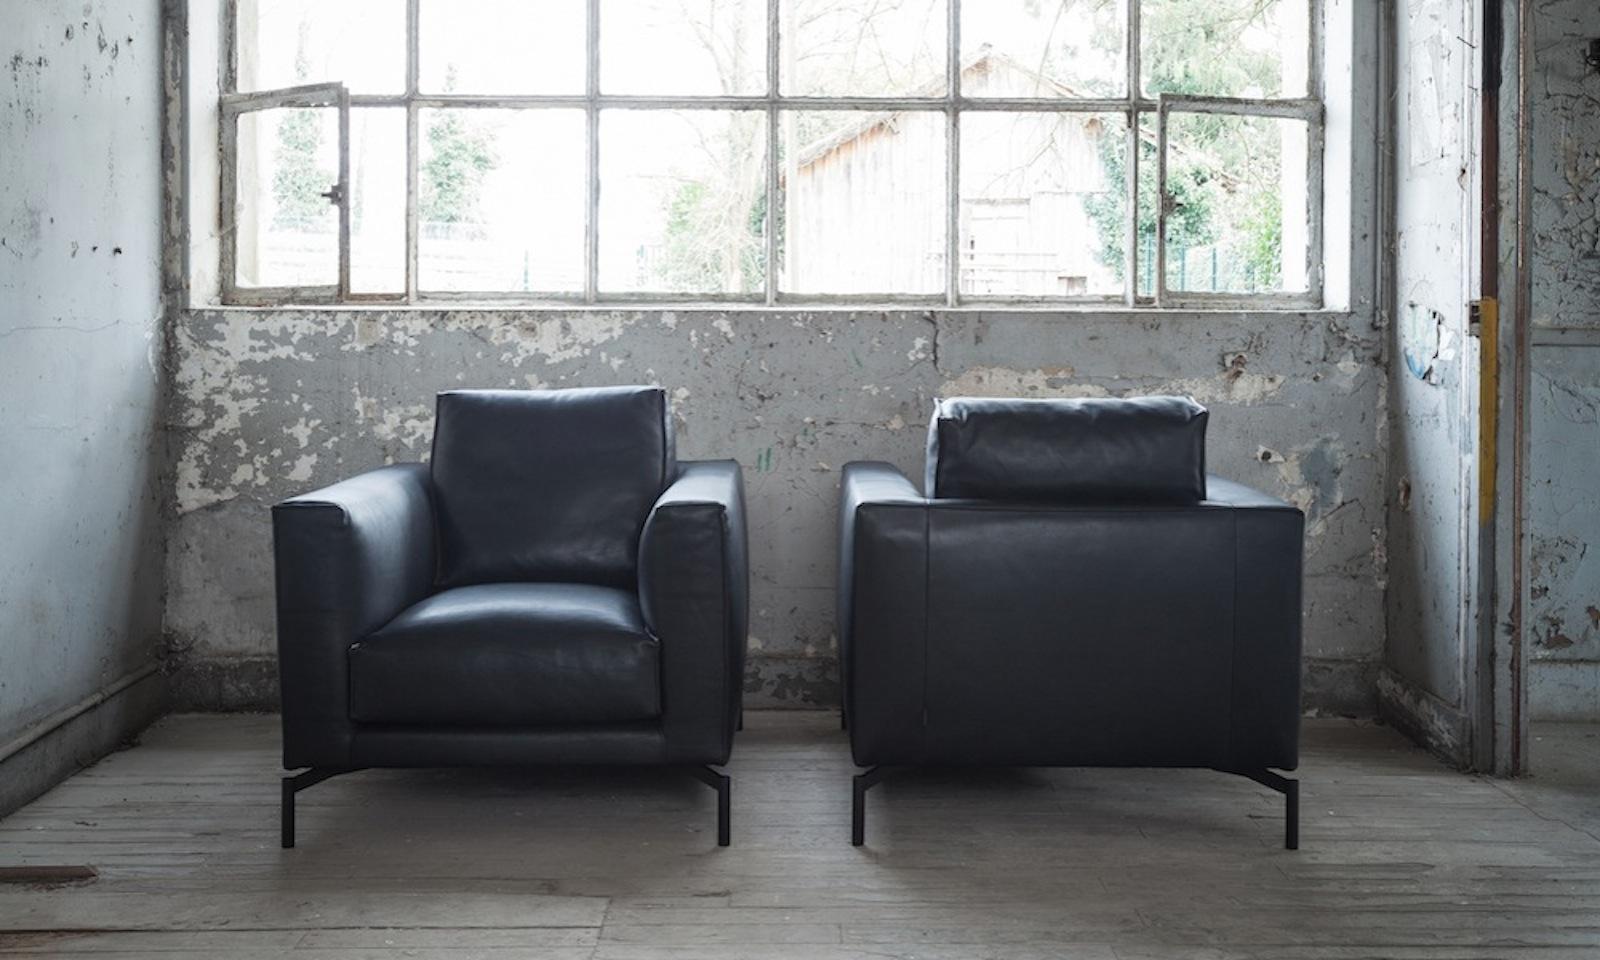 Canap s design et contemporain triss de fabrication haut de gamme en cuir ou en tissu for Fabricants de meubles haut de gamme